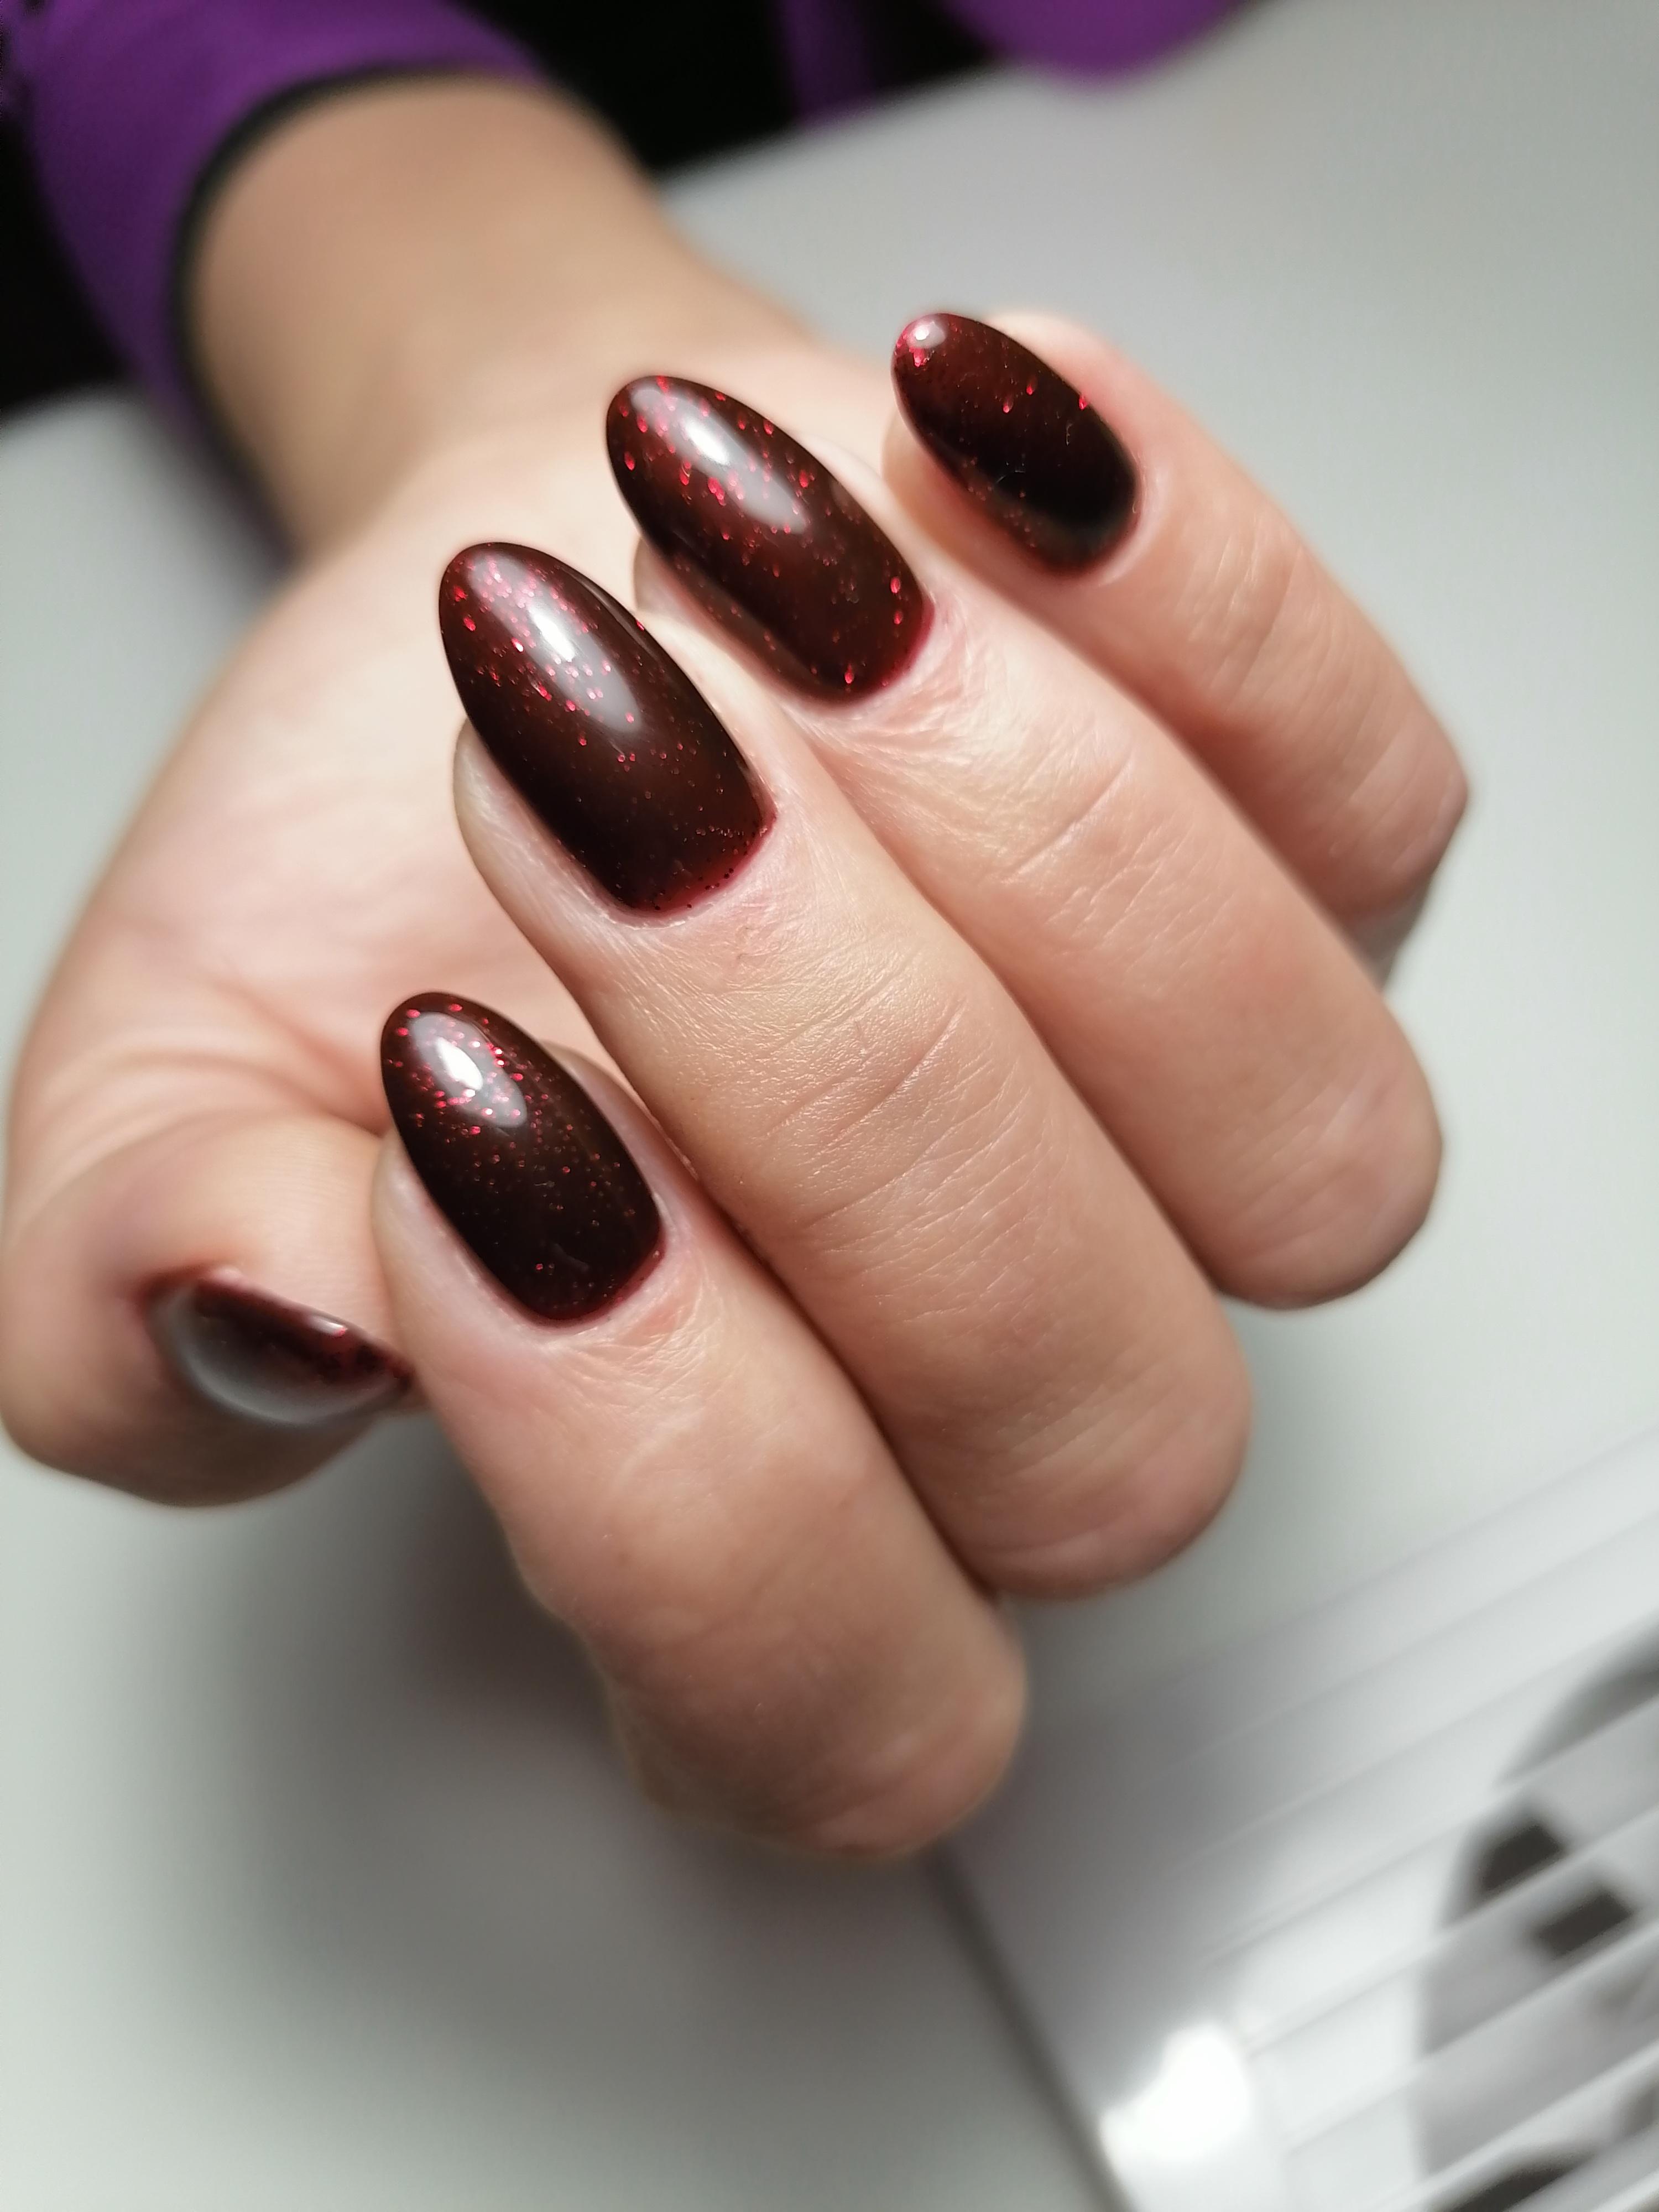 Маникюр с блестками в темно-красном цвете на длинные ногти.